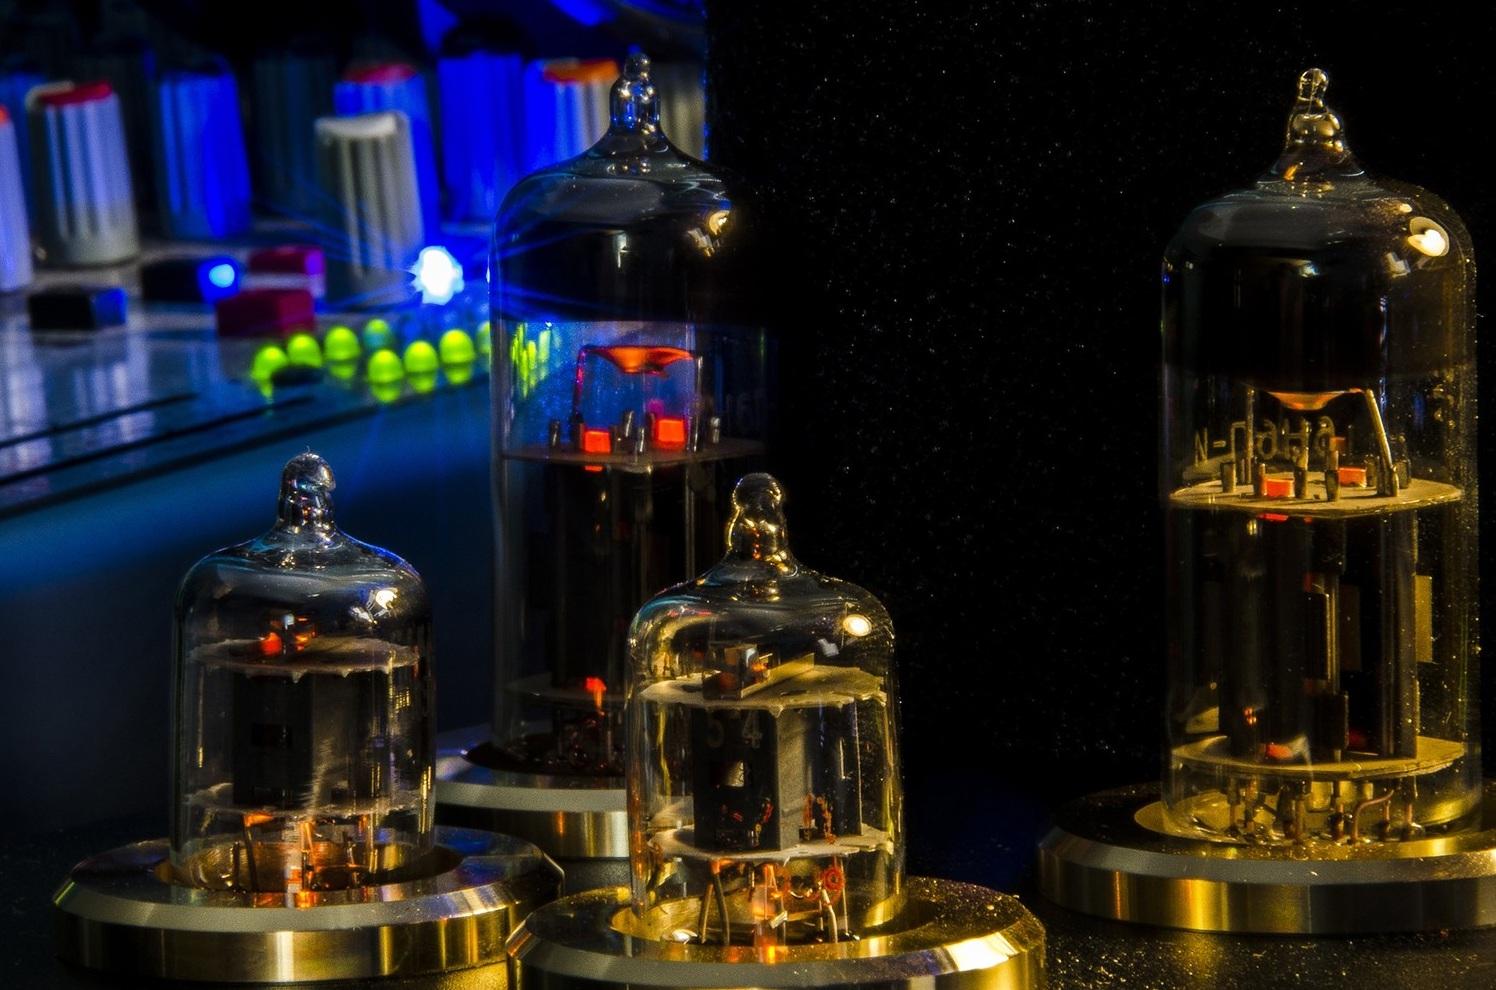 科學角度看音響7:諧波變噪音、差動放大器模型詳解